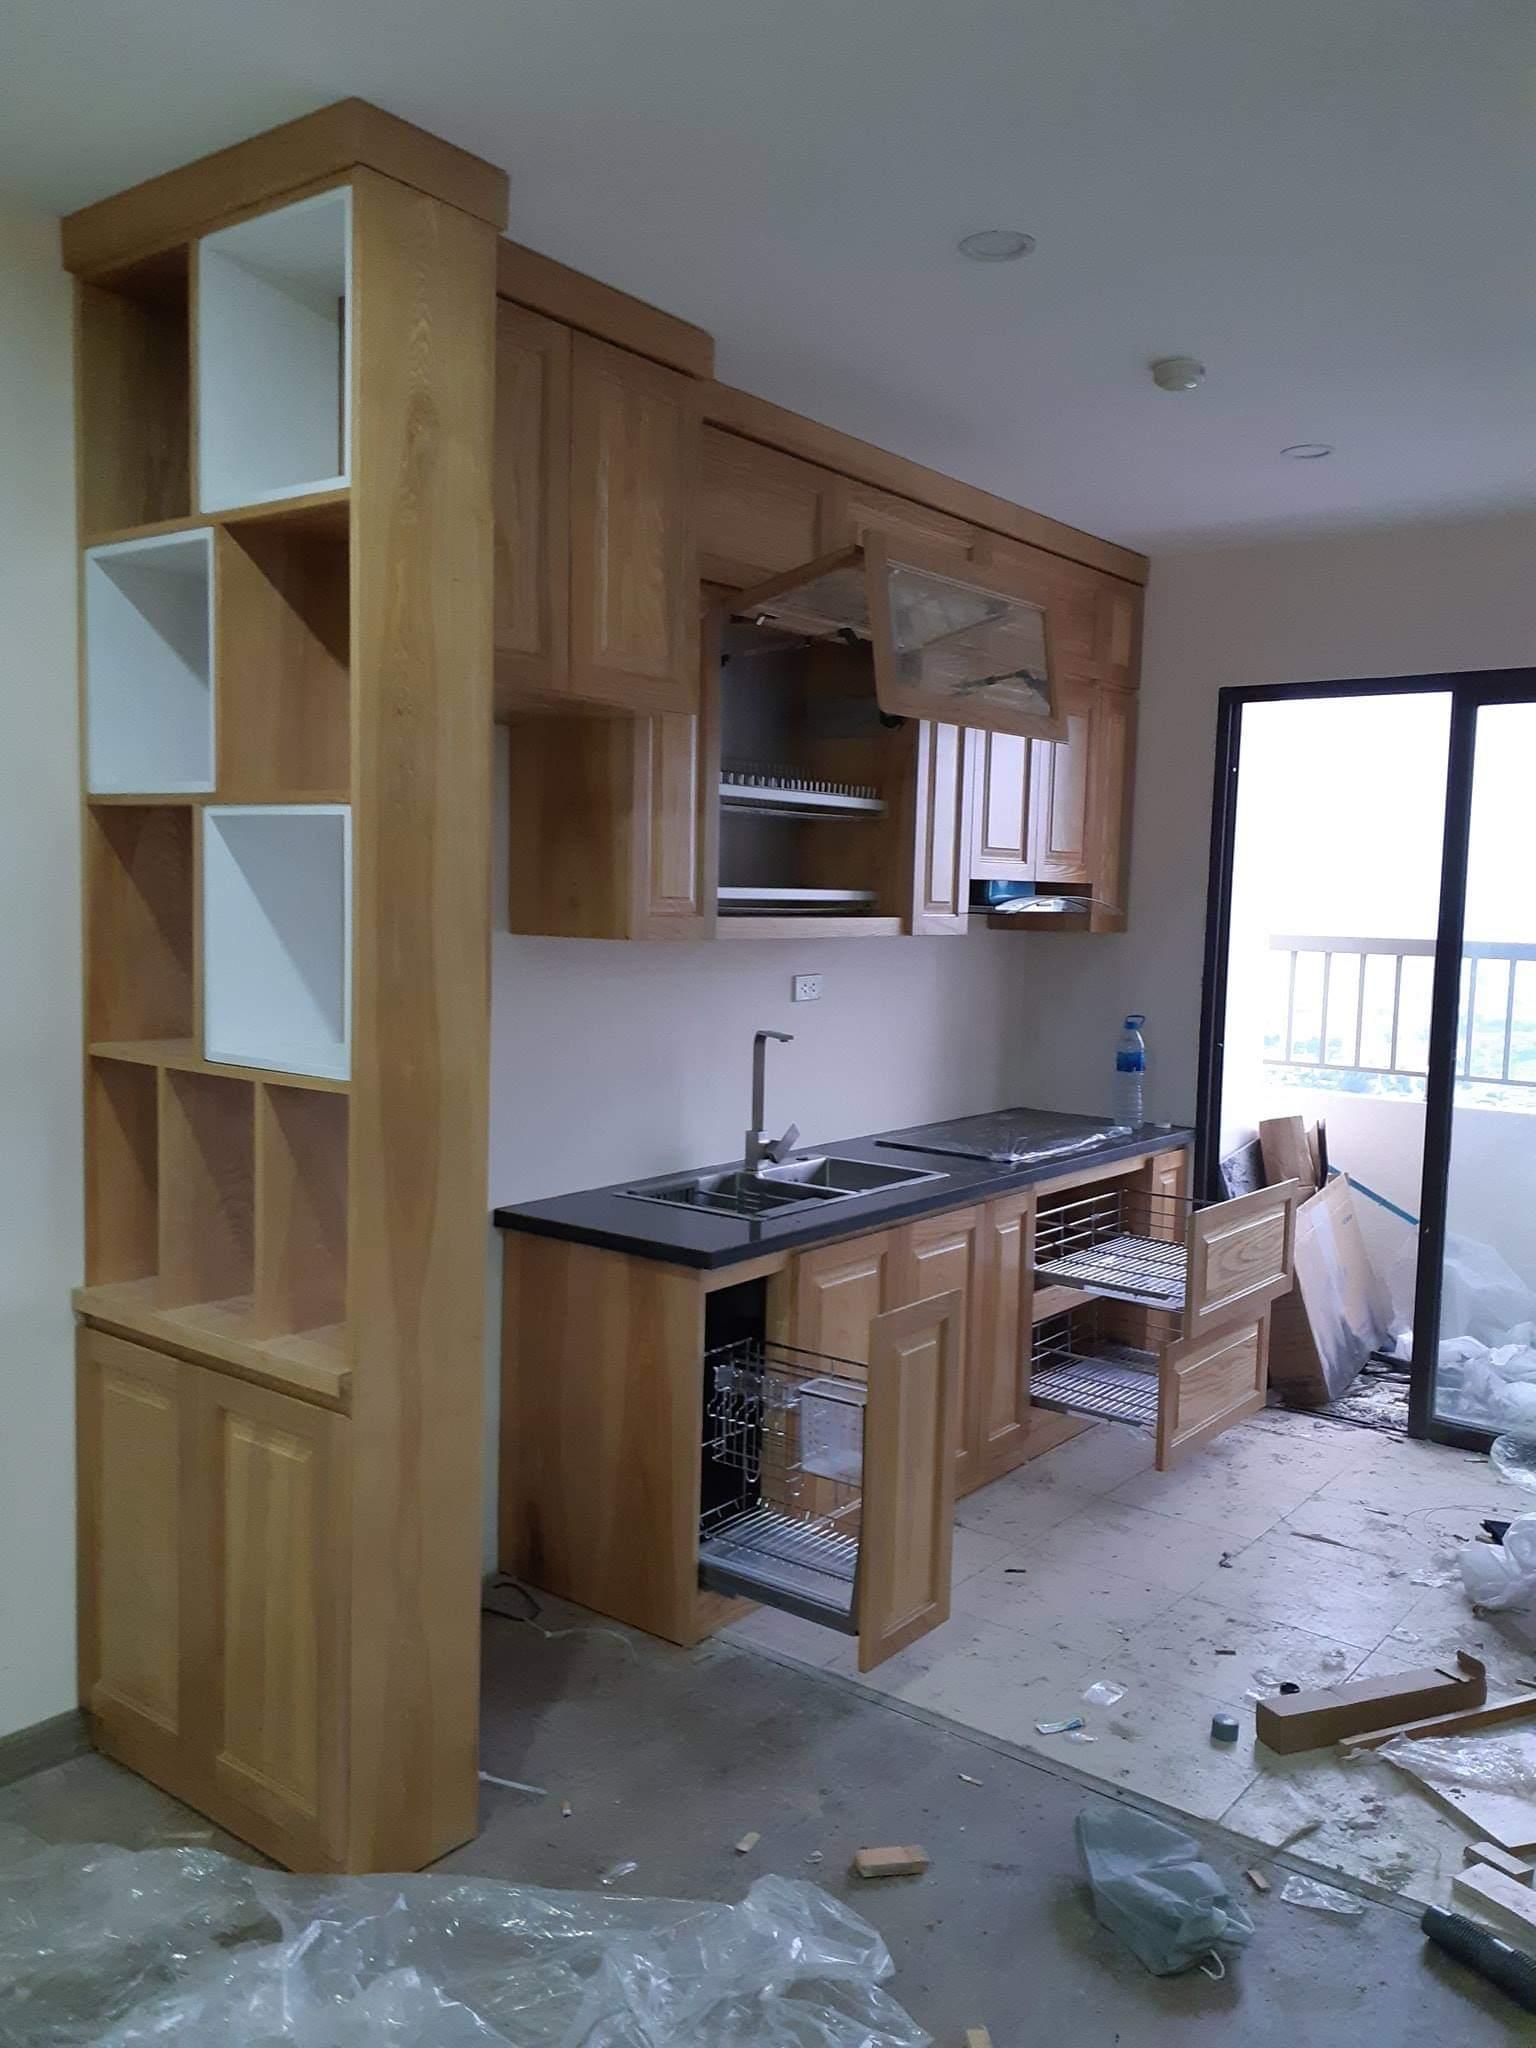 Các mẫu tủ bếp đẹp hiện nay được kết hợp tủ rượu hoặc quầy bar vừa sang trọng vừa tiện nghi.